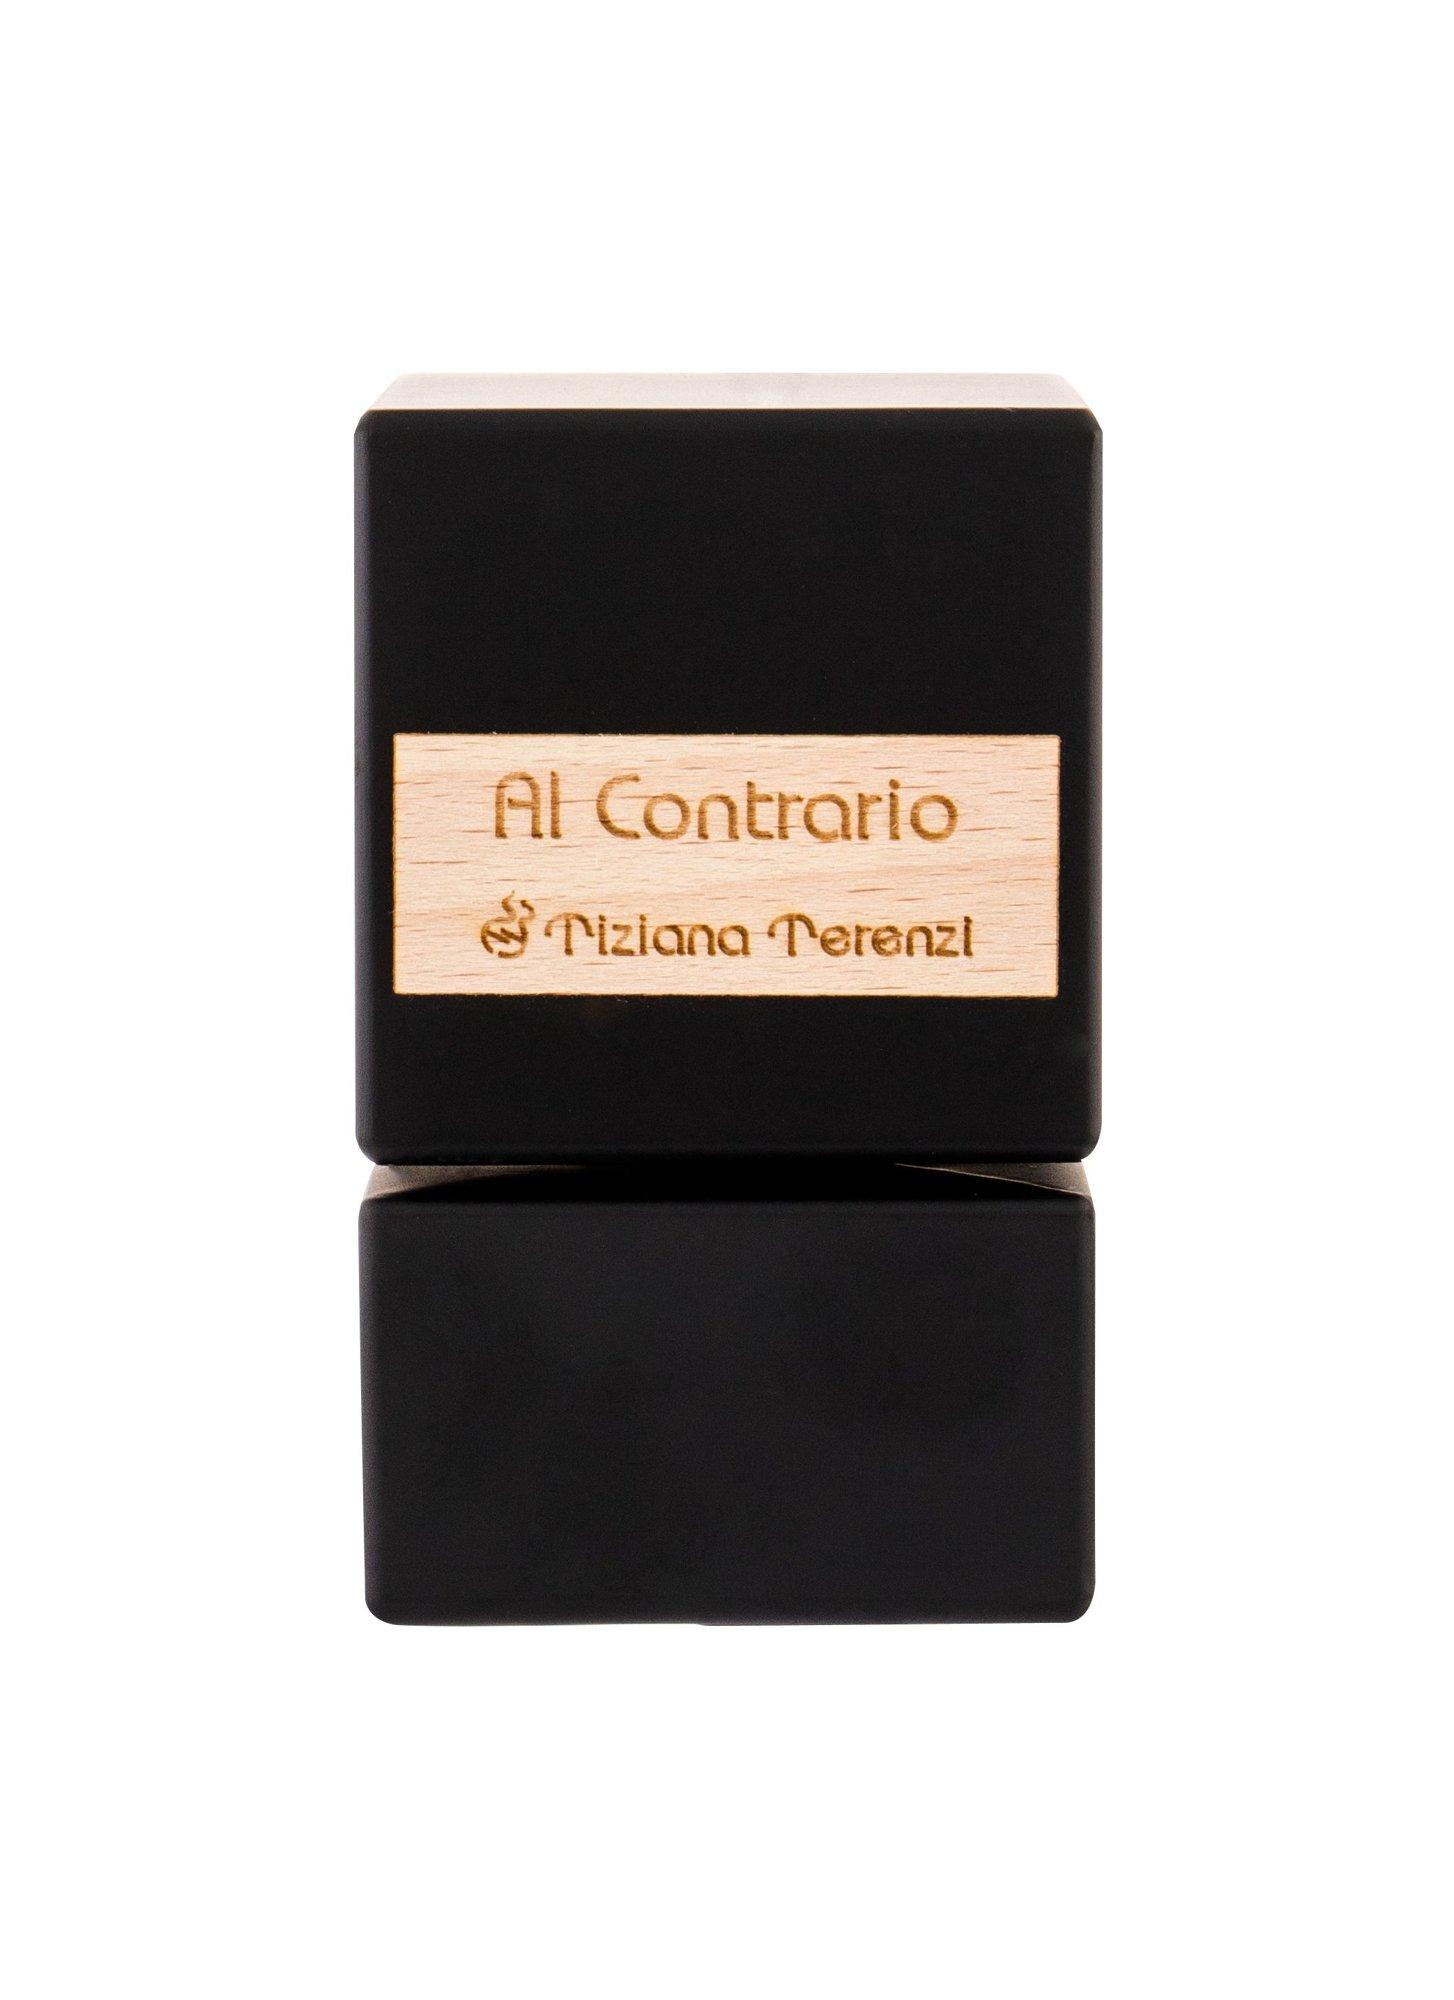 Tiziana Terenzi Al Contrario Perfume 50ml